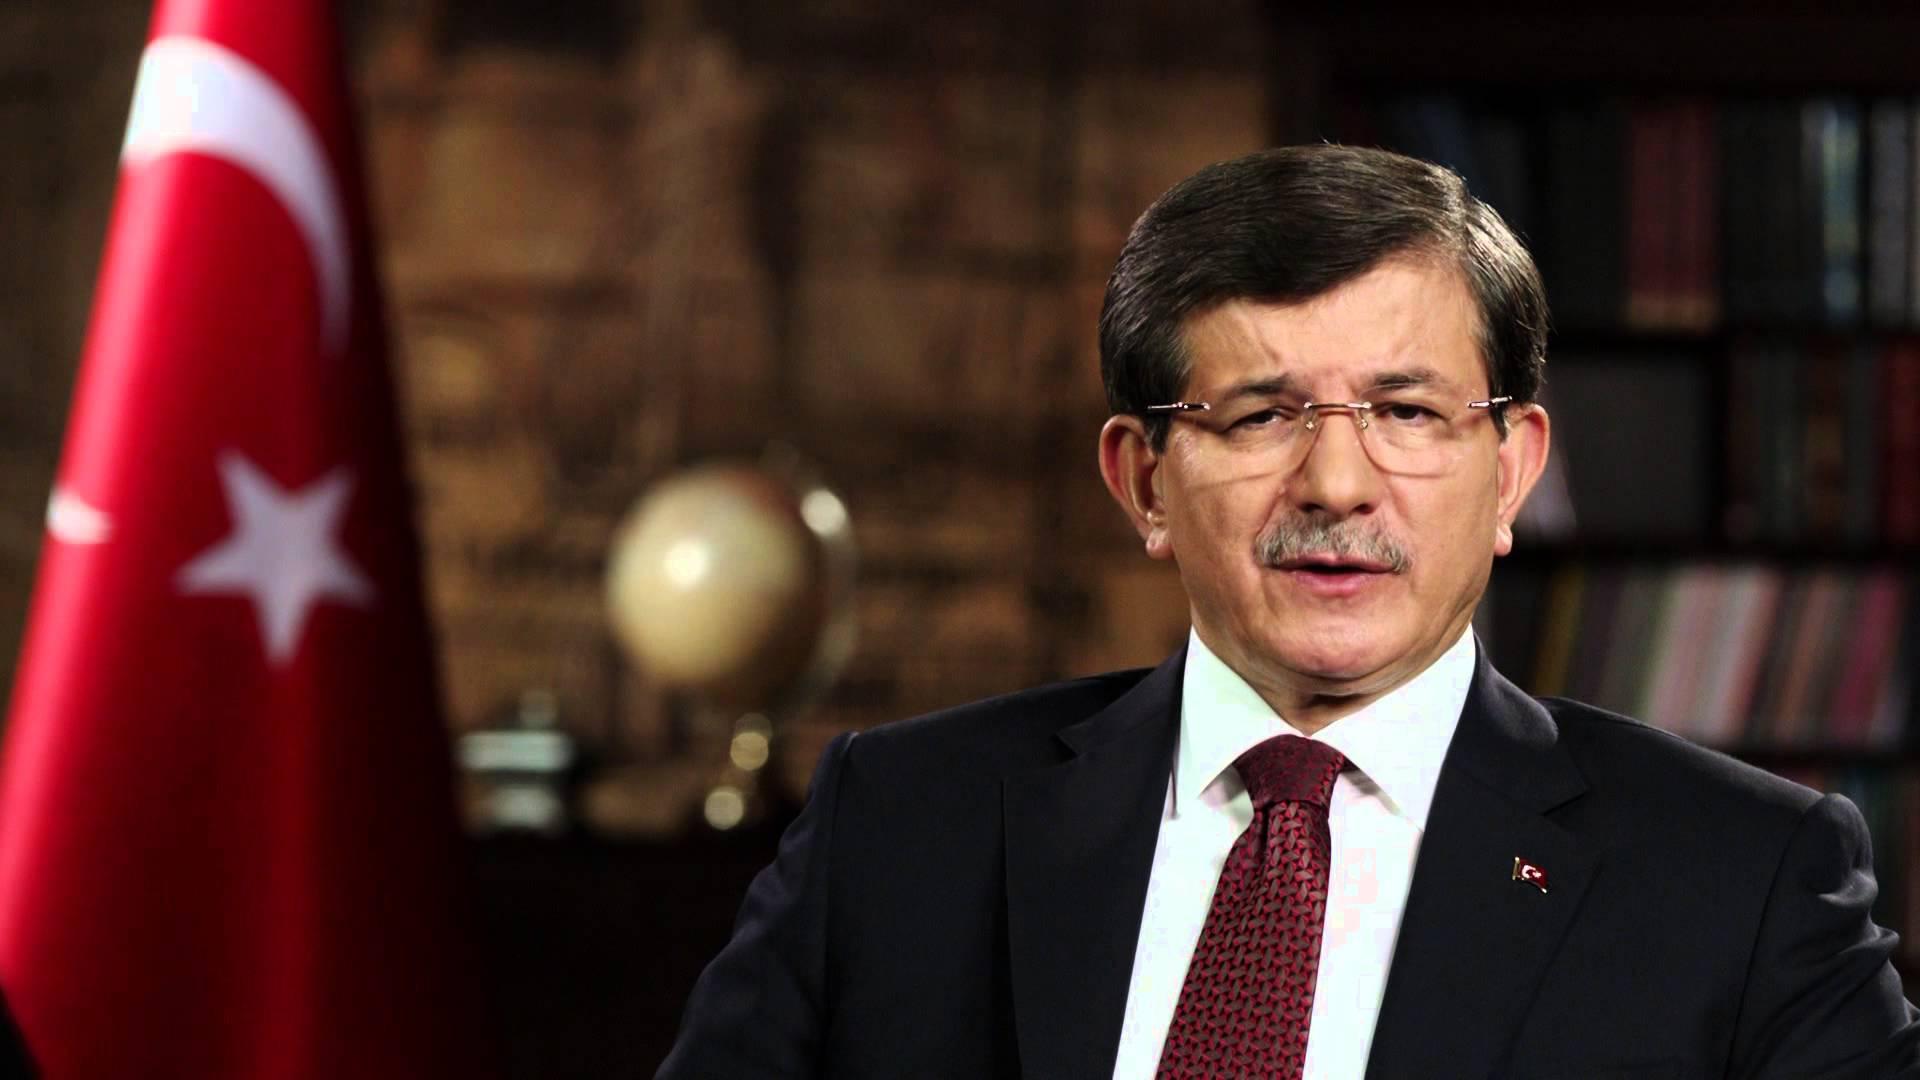 Davutoğlu #Taksim saldırısından saatler sonra açıklama yaptı: Lanetliyorum, acı içindeyiz, mücadelemiz sürecek